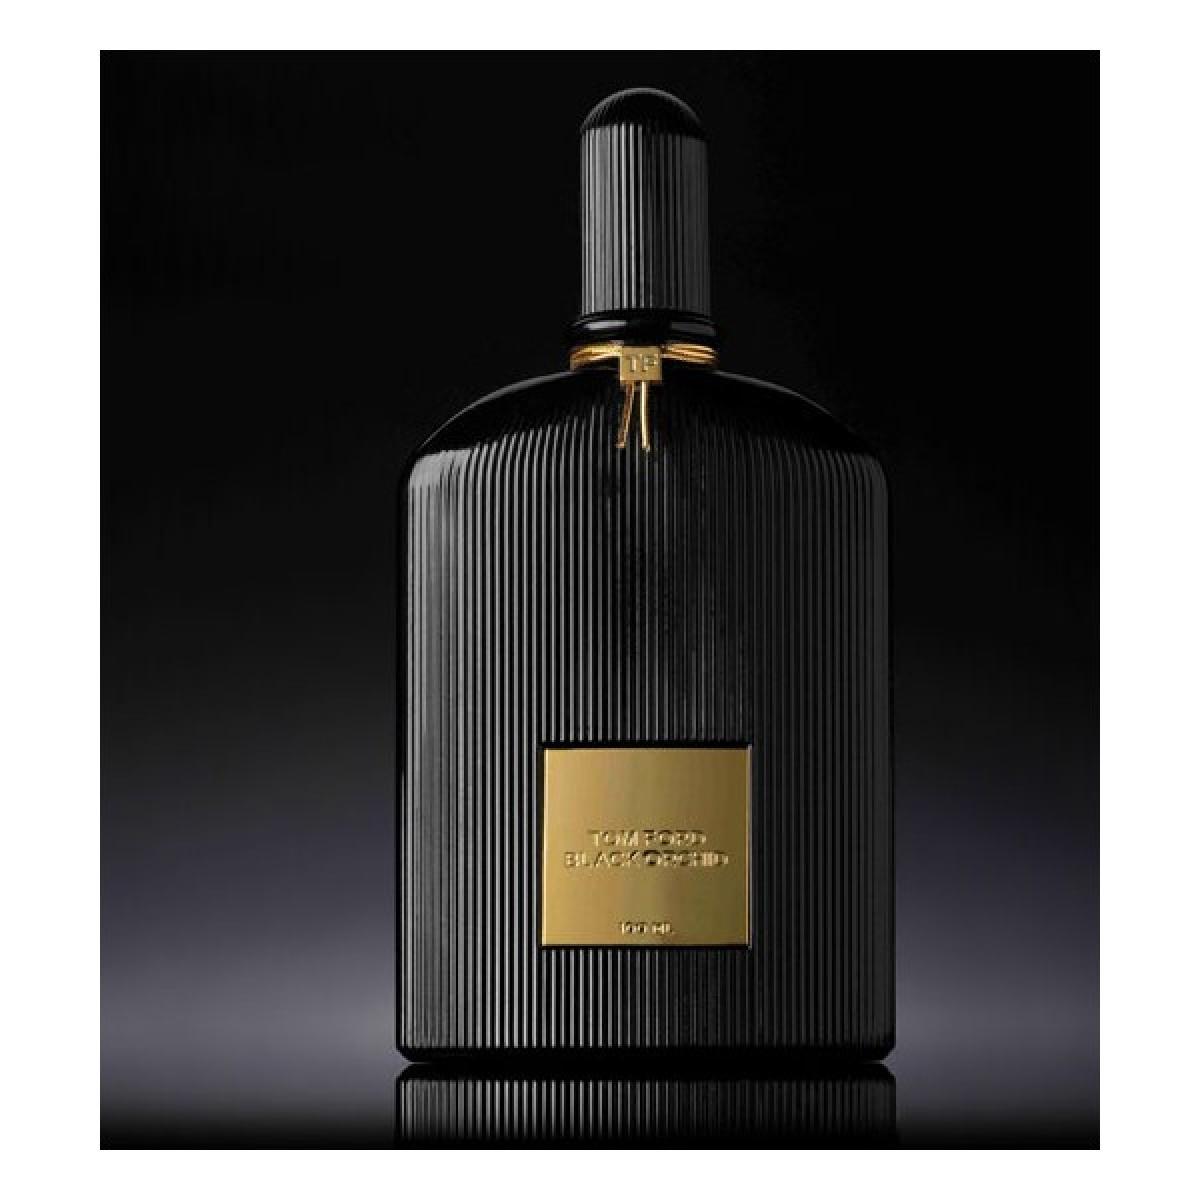 Erkeklerin En Sevdiği 10 Kadın Parfümü